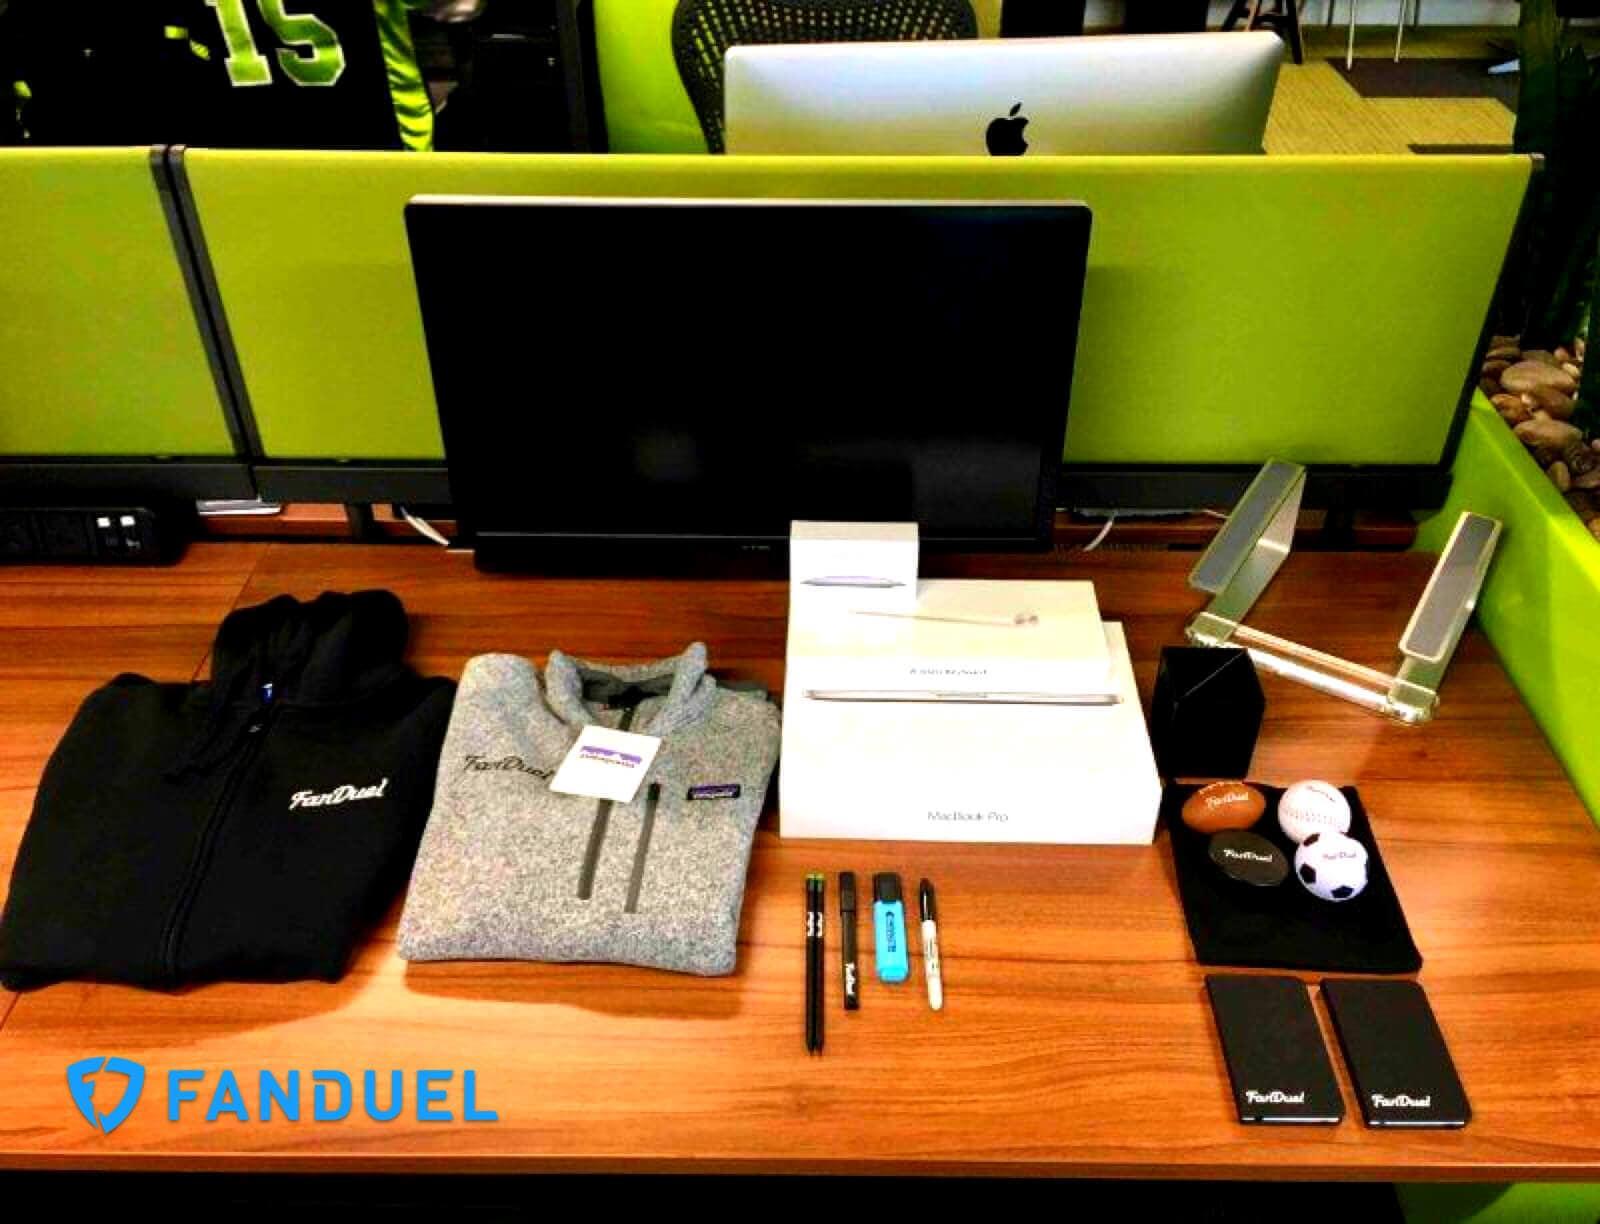 fandual new employee welcome kit example